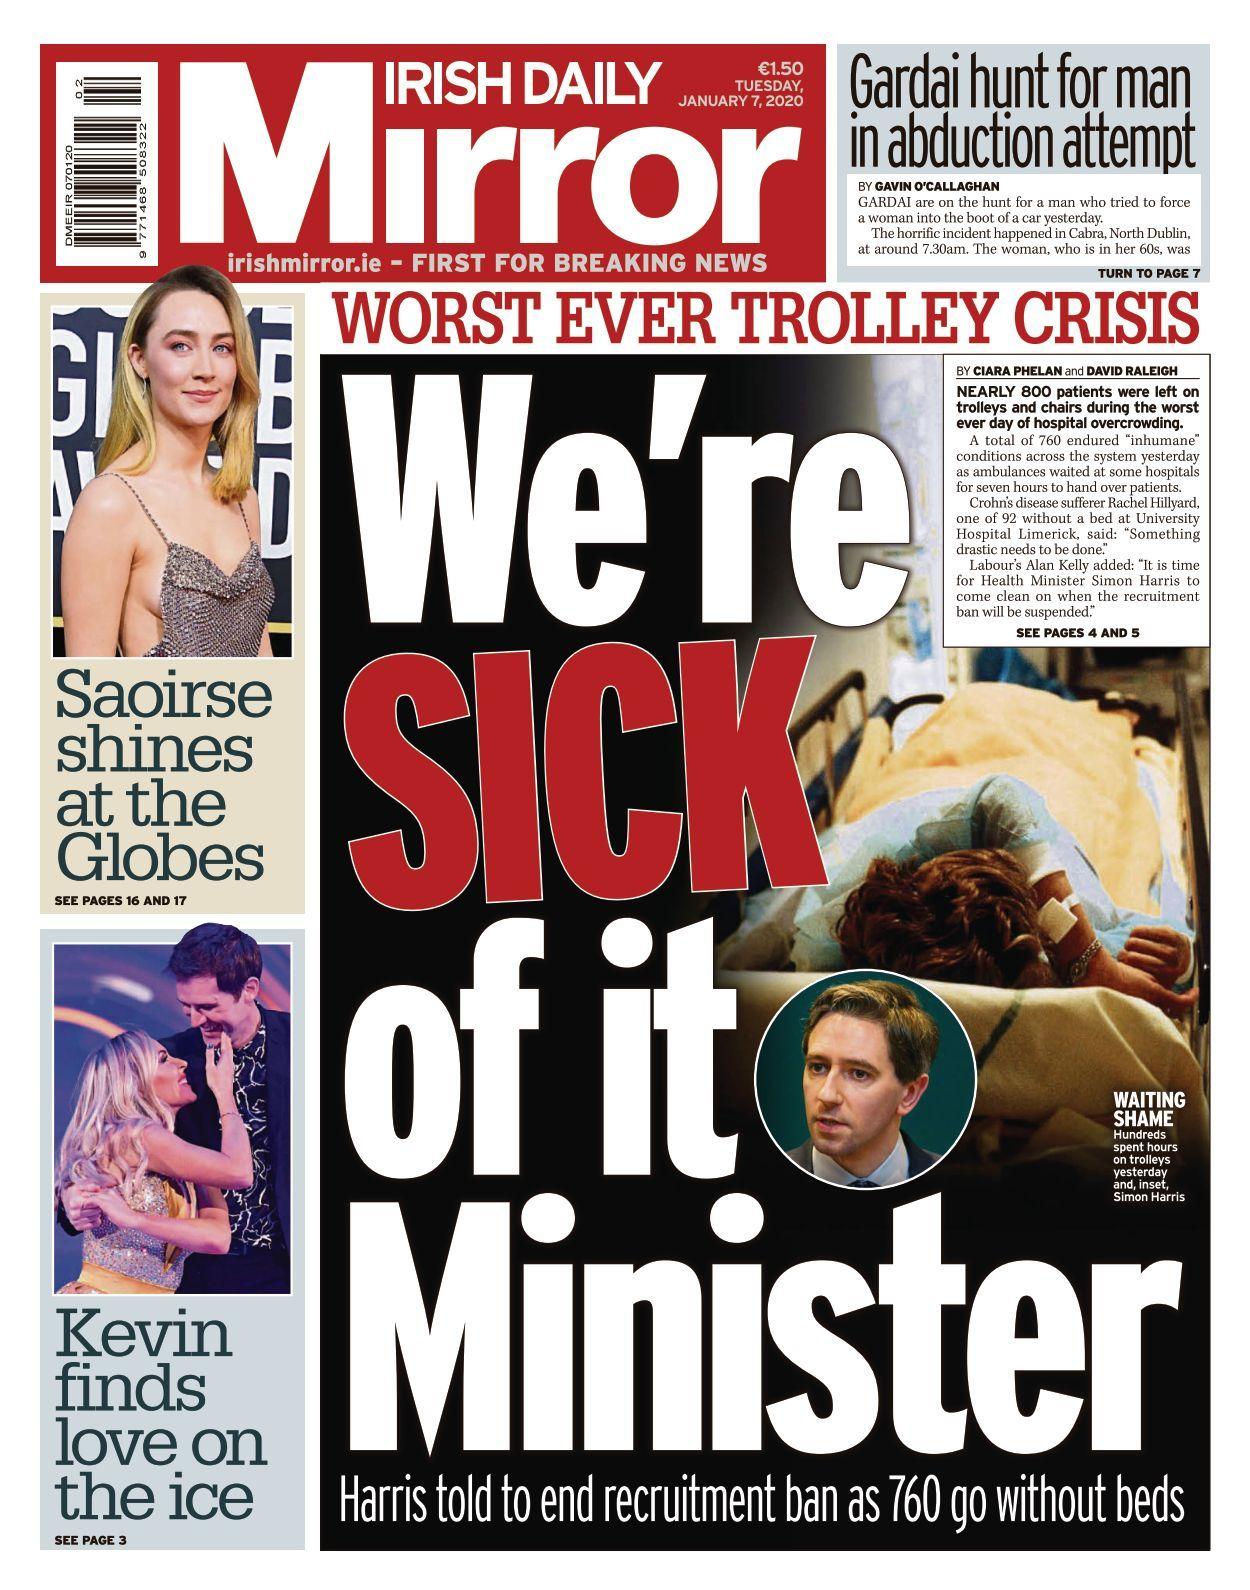 29 Irish Daily Mirror   10 10 10